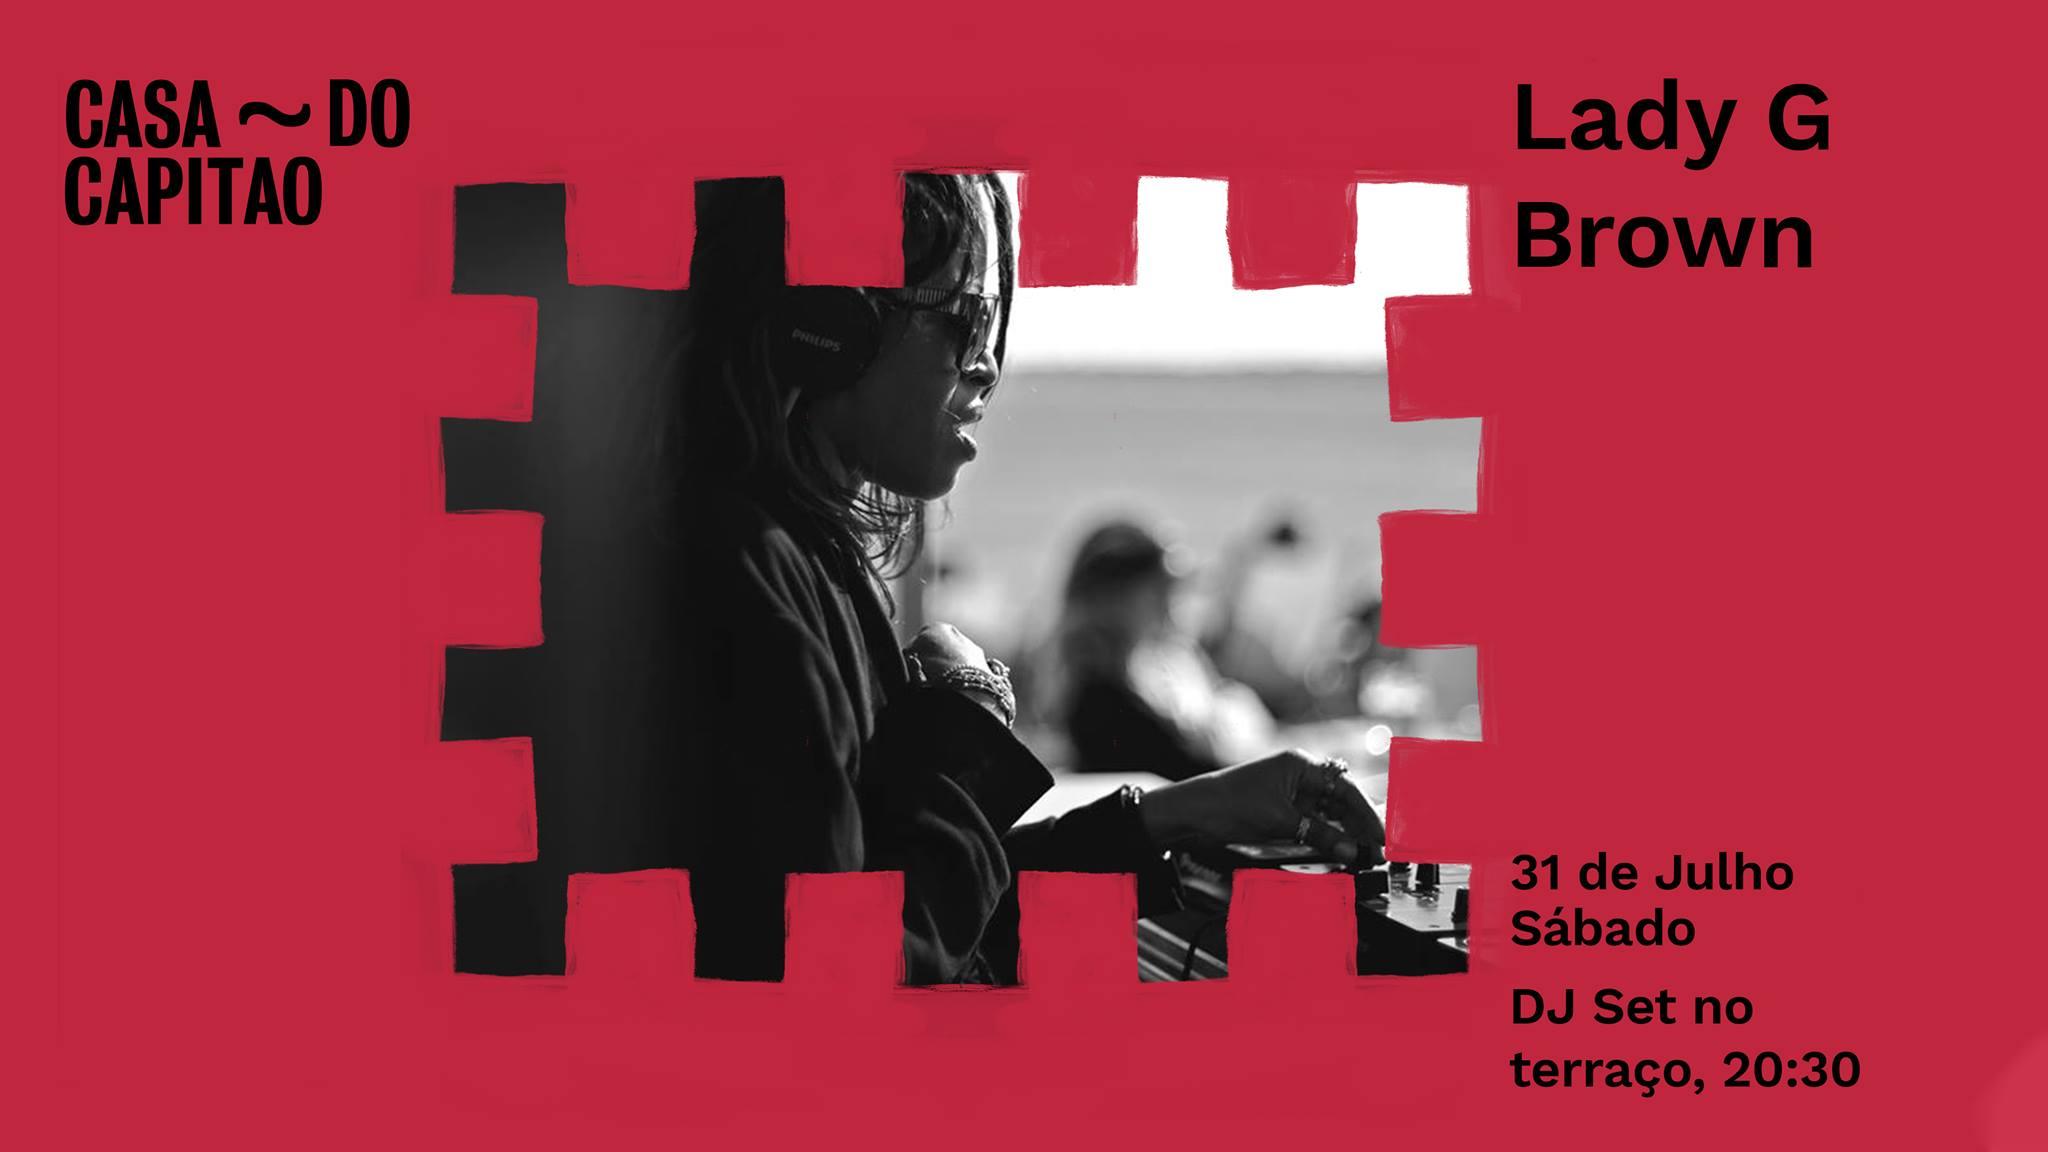 Lady G Brown • DJ set no terraço